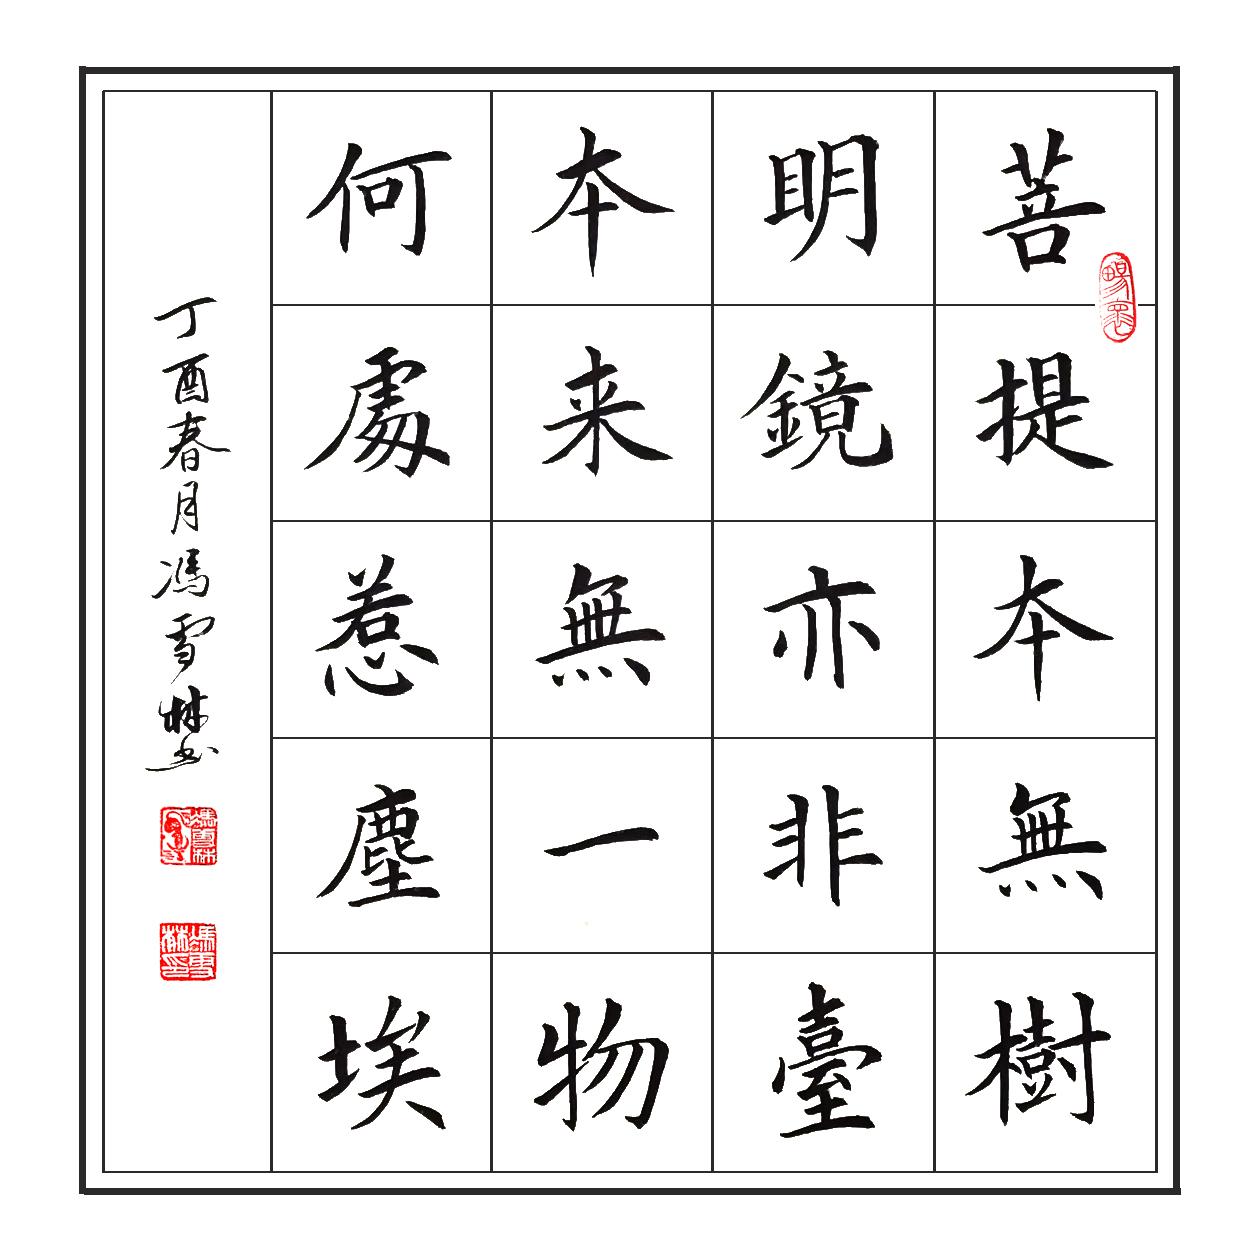 六祖惠能大师《菩提偈》菩提本无树 书法作品 楷书、斗方